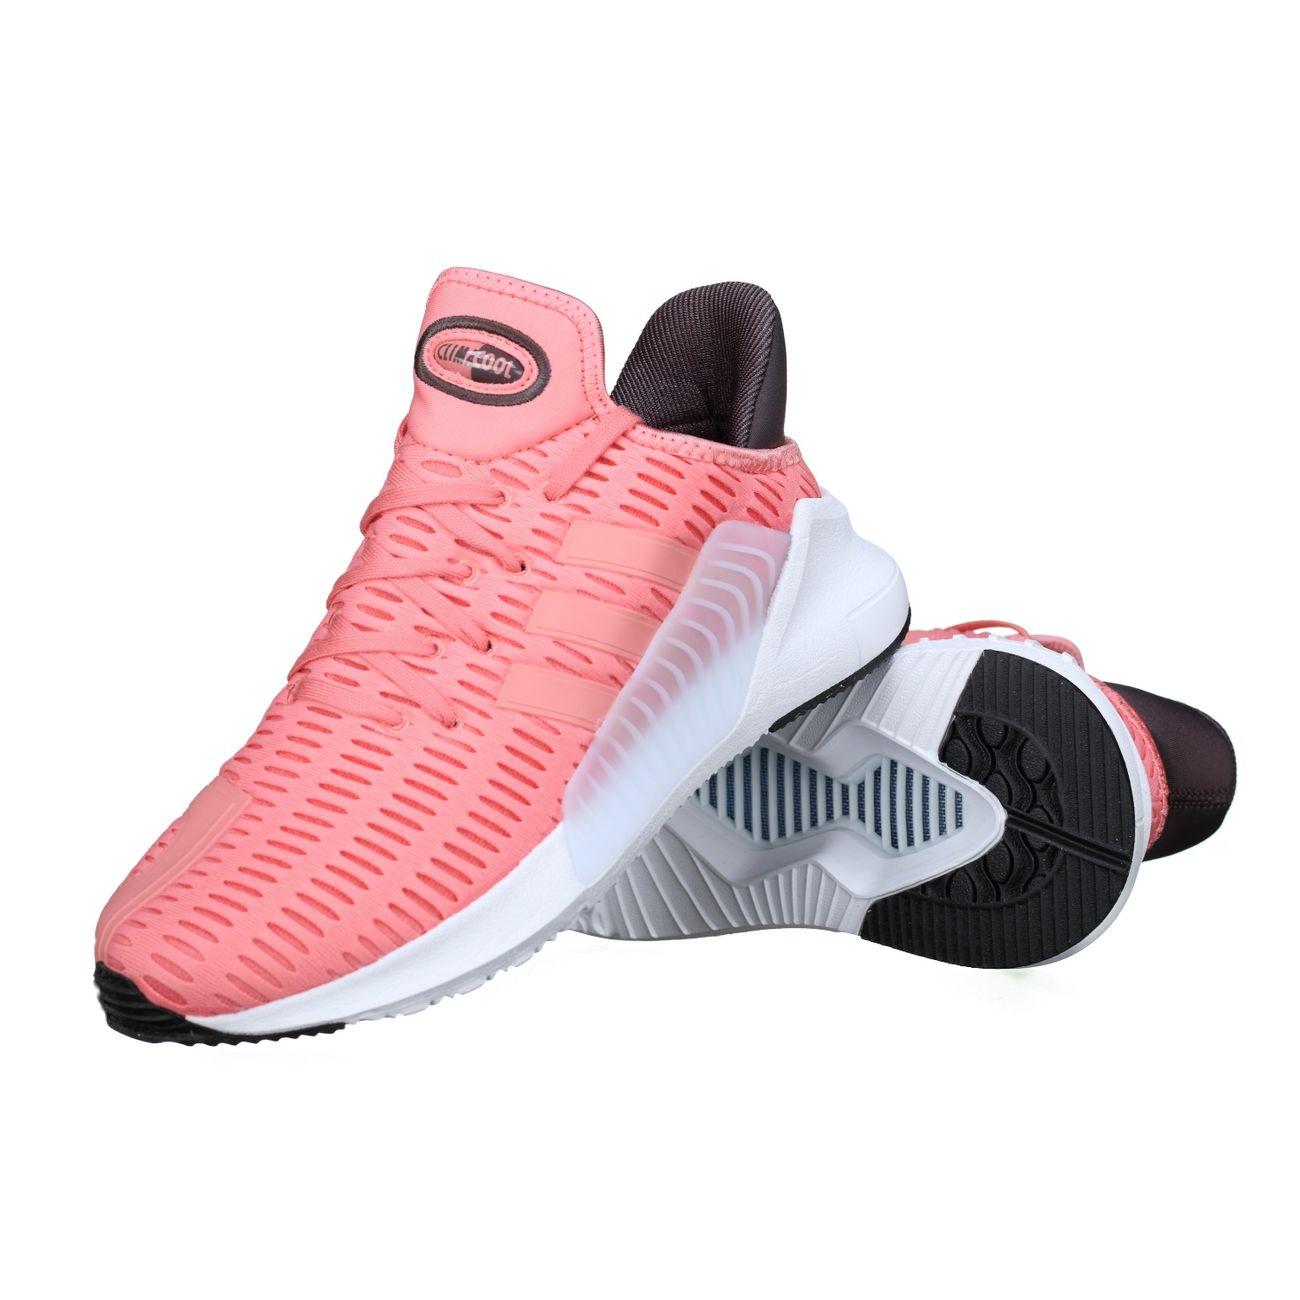 Climacool 02/17 W - Chaussures De Sport Pour Femmes / Adidas Rose at5lAKw